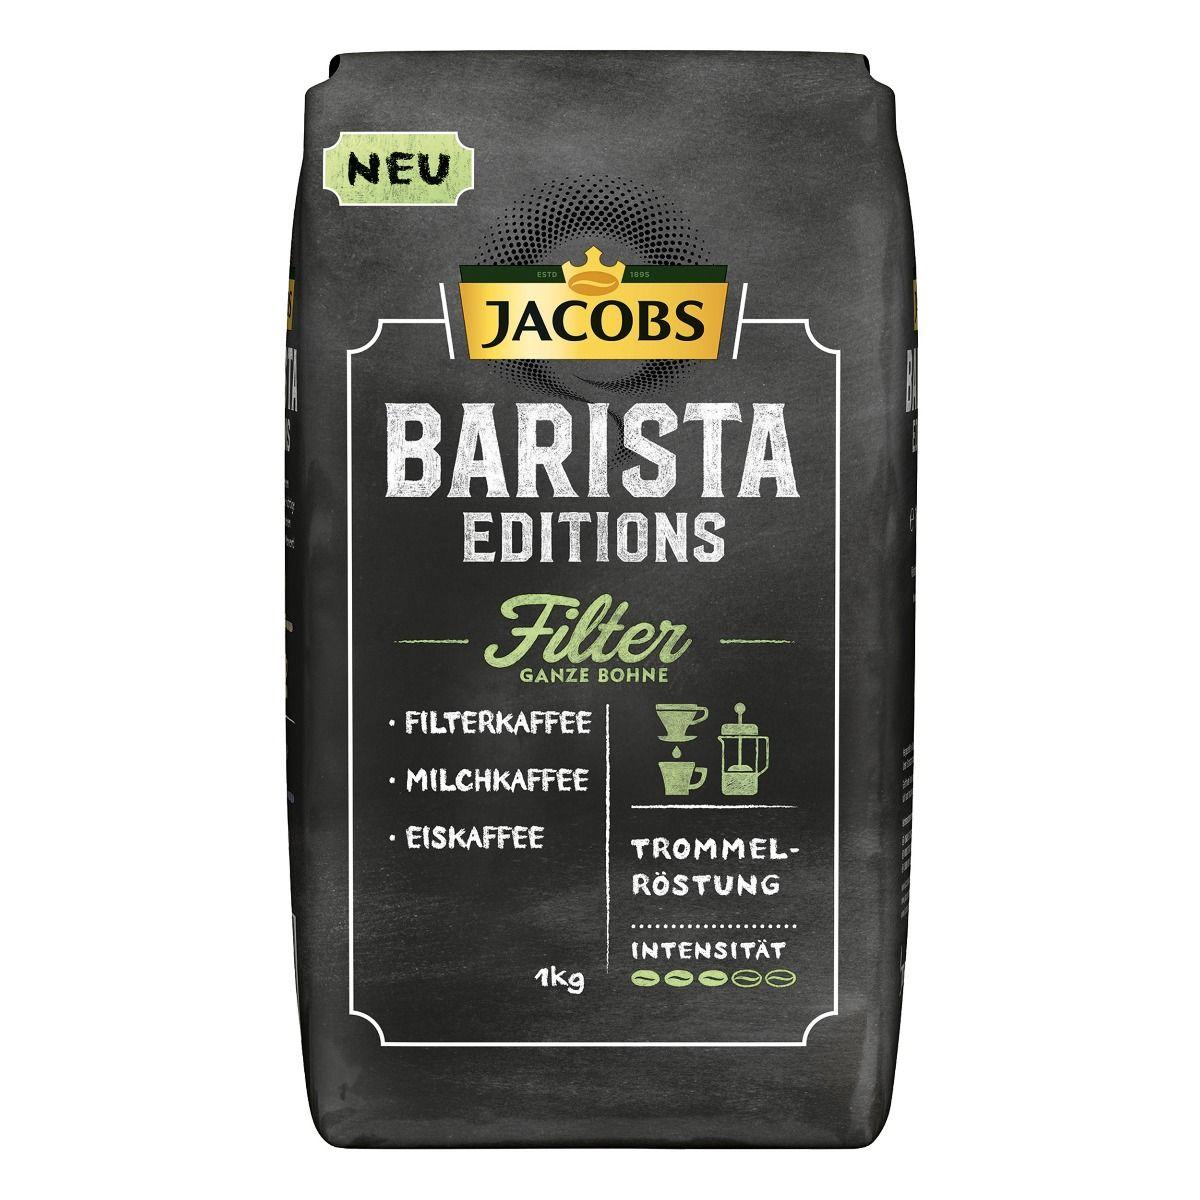 Bild zu 4 kg Jacobs Barista Editions Filter Kaffeebohnen für 45,56€ (Vergleich: 50,76€)